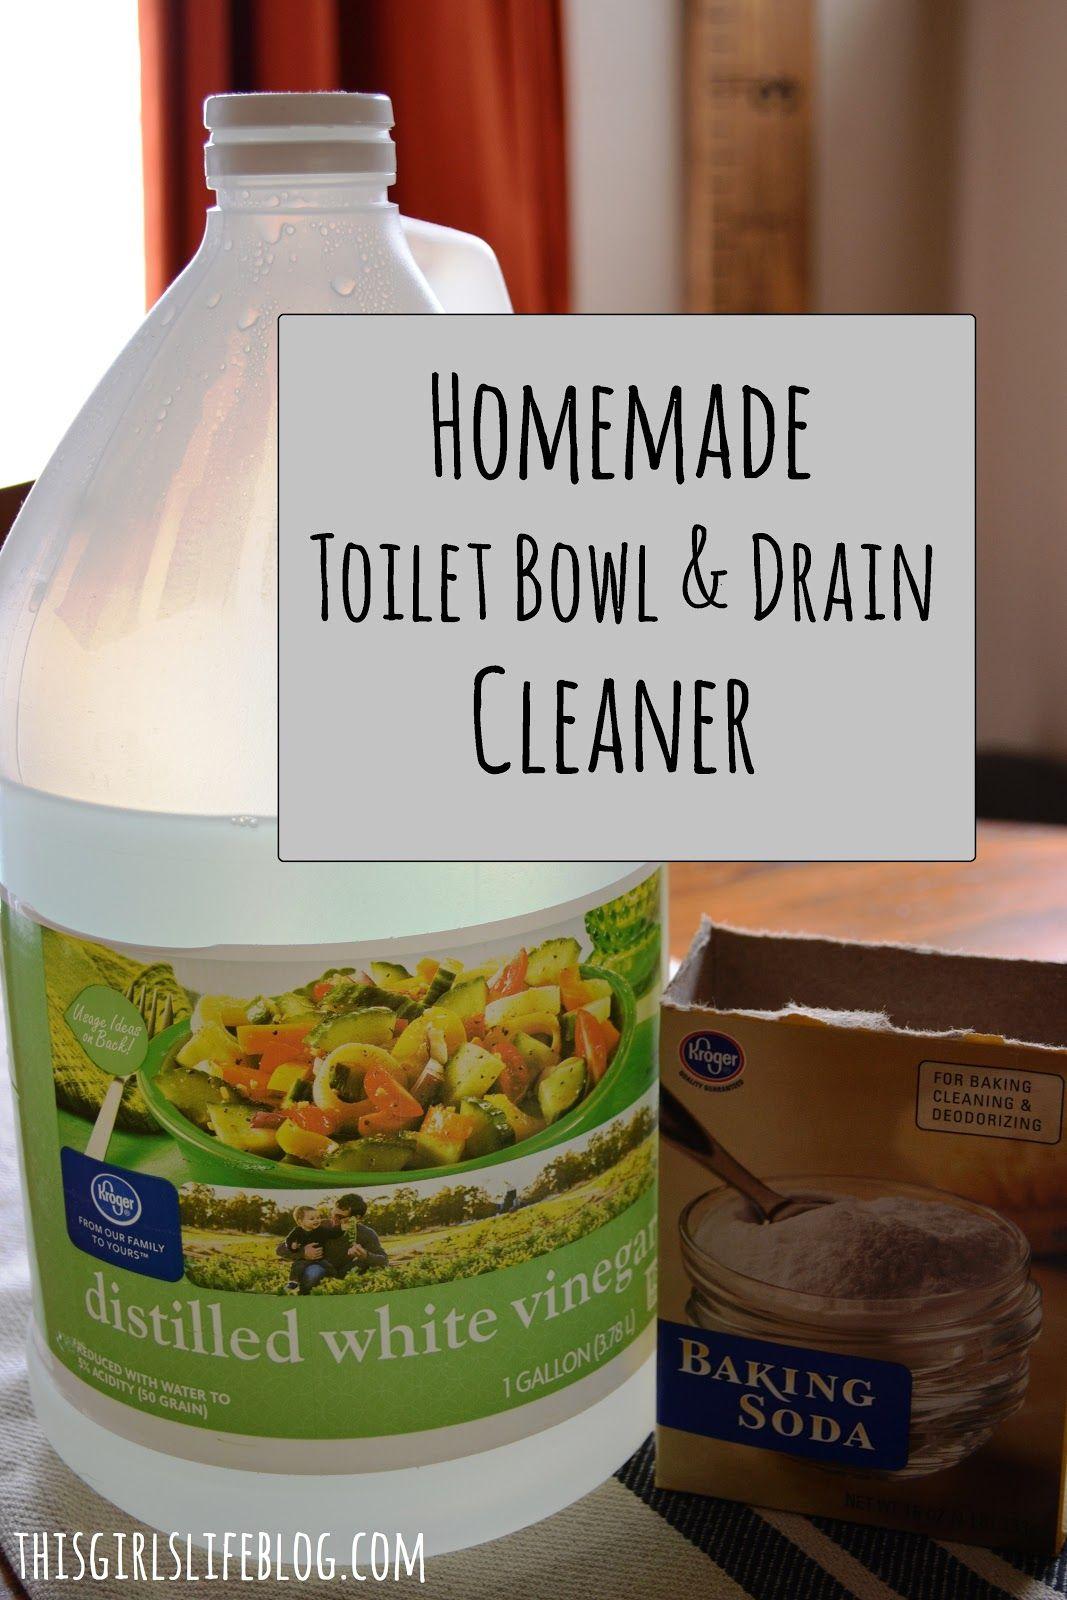 Homemade Toilet Bowl & Drain Cleaner Drain cleaner